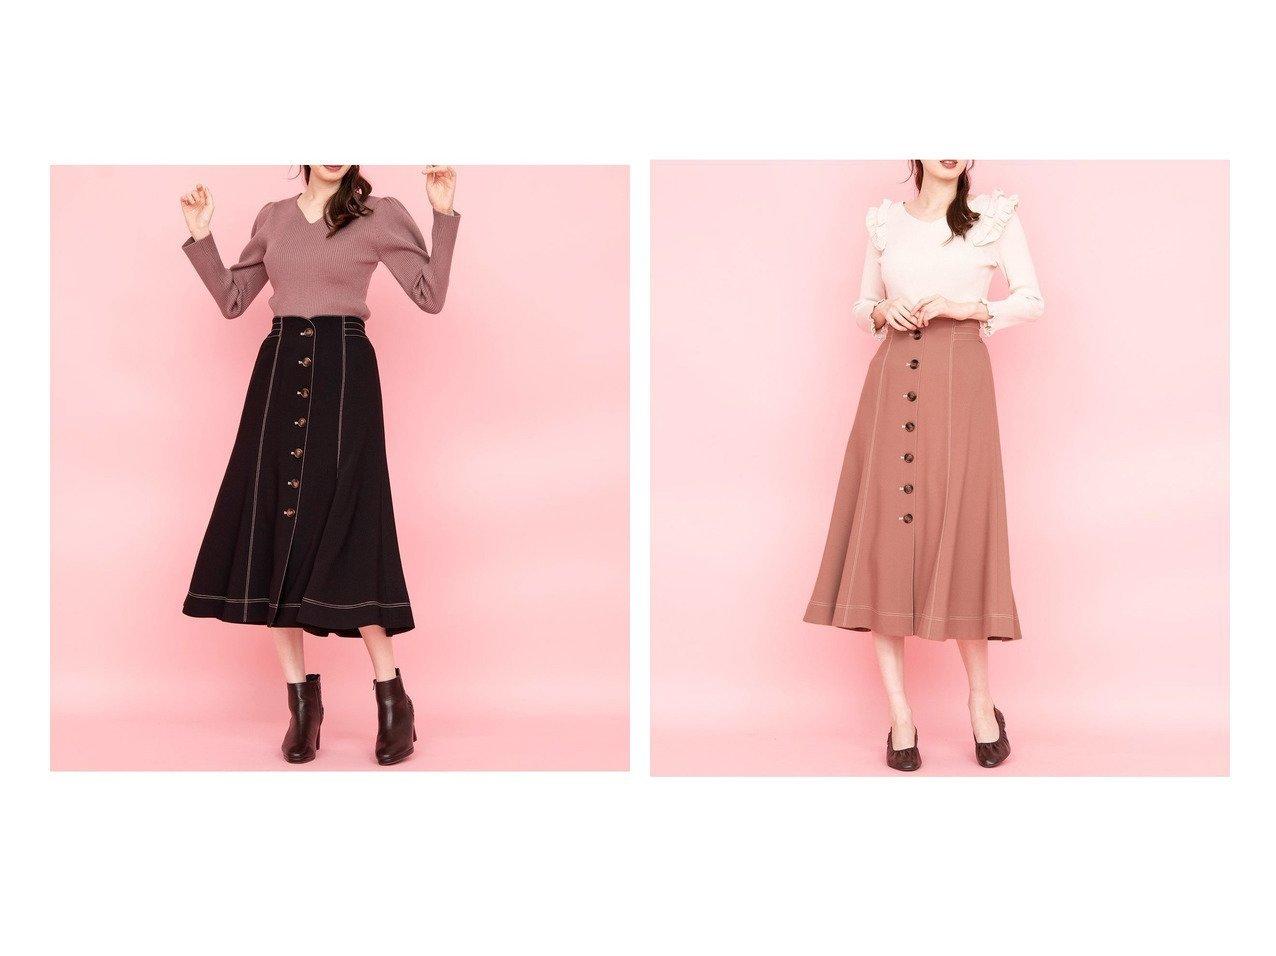 【WILLSELECTION/ウィルセレクション】のステッチマーメイドスカート スカートのおすすめ!人気、トレンド・レディースファッションの通販 おすすめで人気の流行・トレンド、ファッションの通販商品 メンズファッション・キッズファッション・インテリア・家具・レディースファッション・服の通販 founy(ファニー) https://founy.com/ ファッション Fashion レディースファッション WOMEN スカート Skirt タイトスカート マーメイド 洗える |ID:crp329100000022482